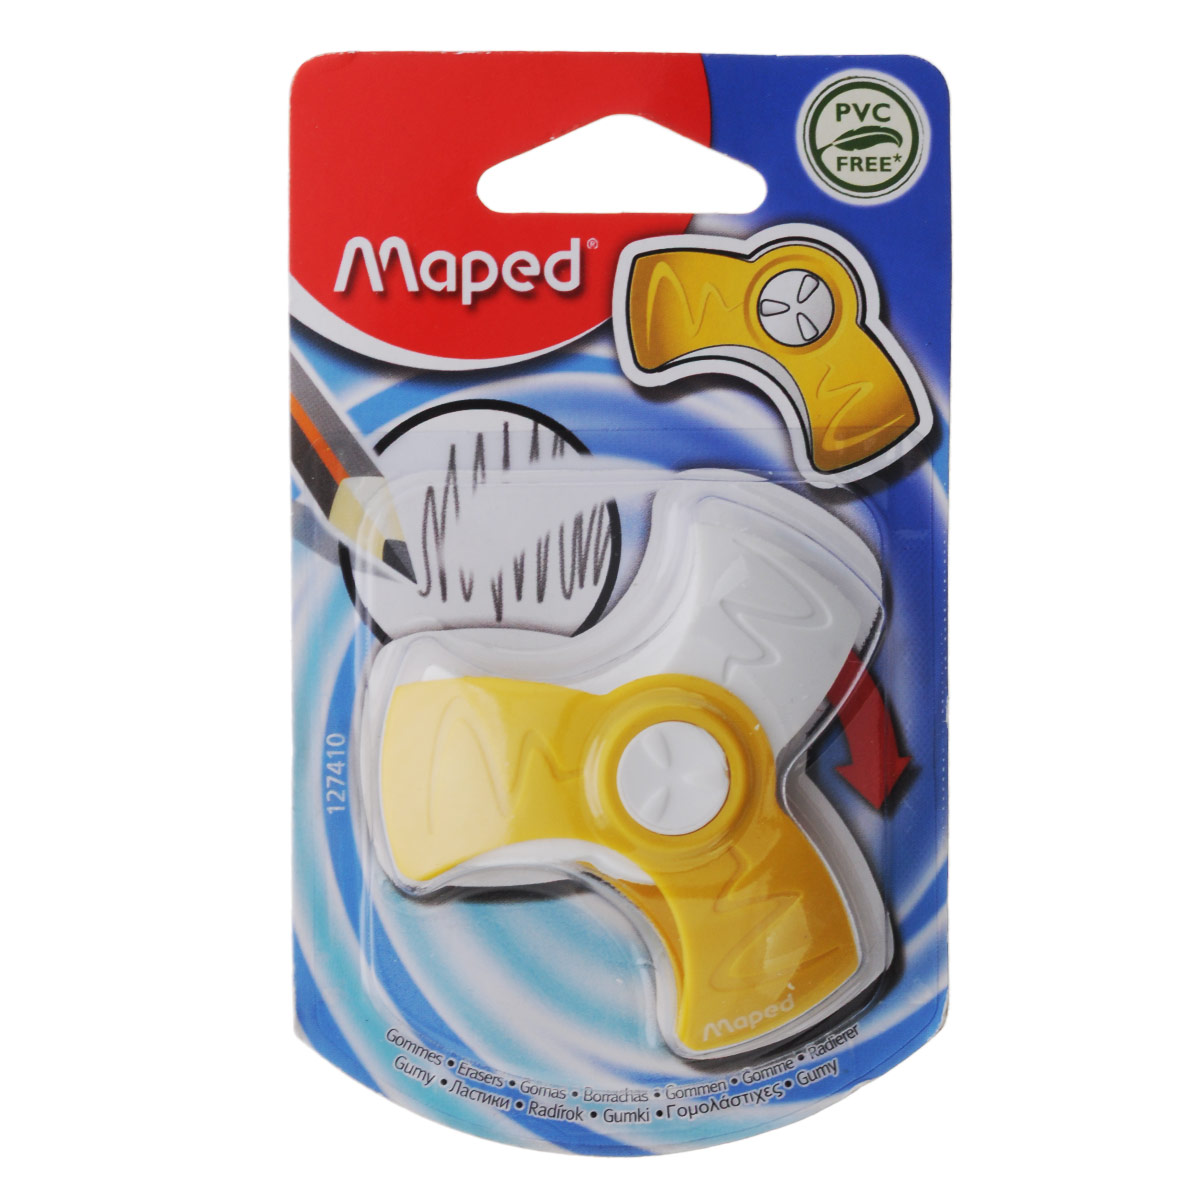 Ластик Maped Spin, цвет: желтый72523WDОригинальный ластик Spin в поворотном защитном футляре из пластика легко удаляет следы чернографитных карандашей, а футляр защищает ластик от загрязнений и увеличивает его срок службы. Не содержит ПВХ.